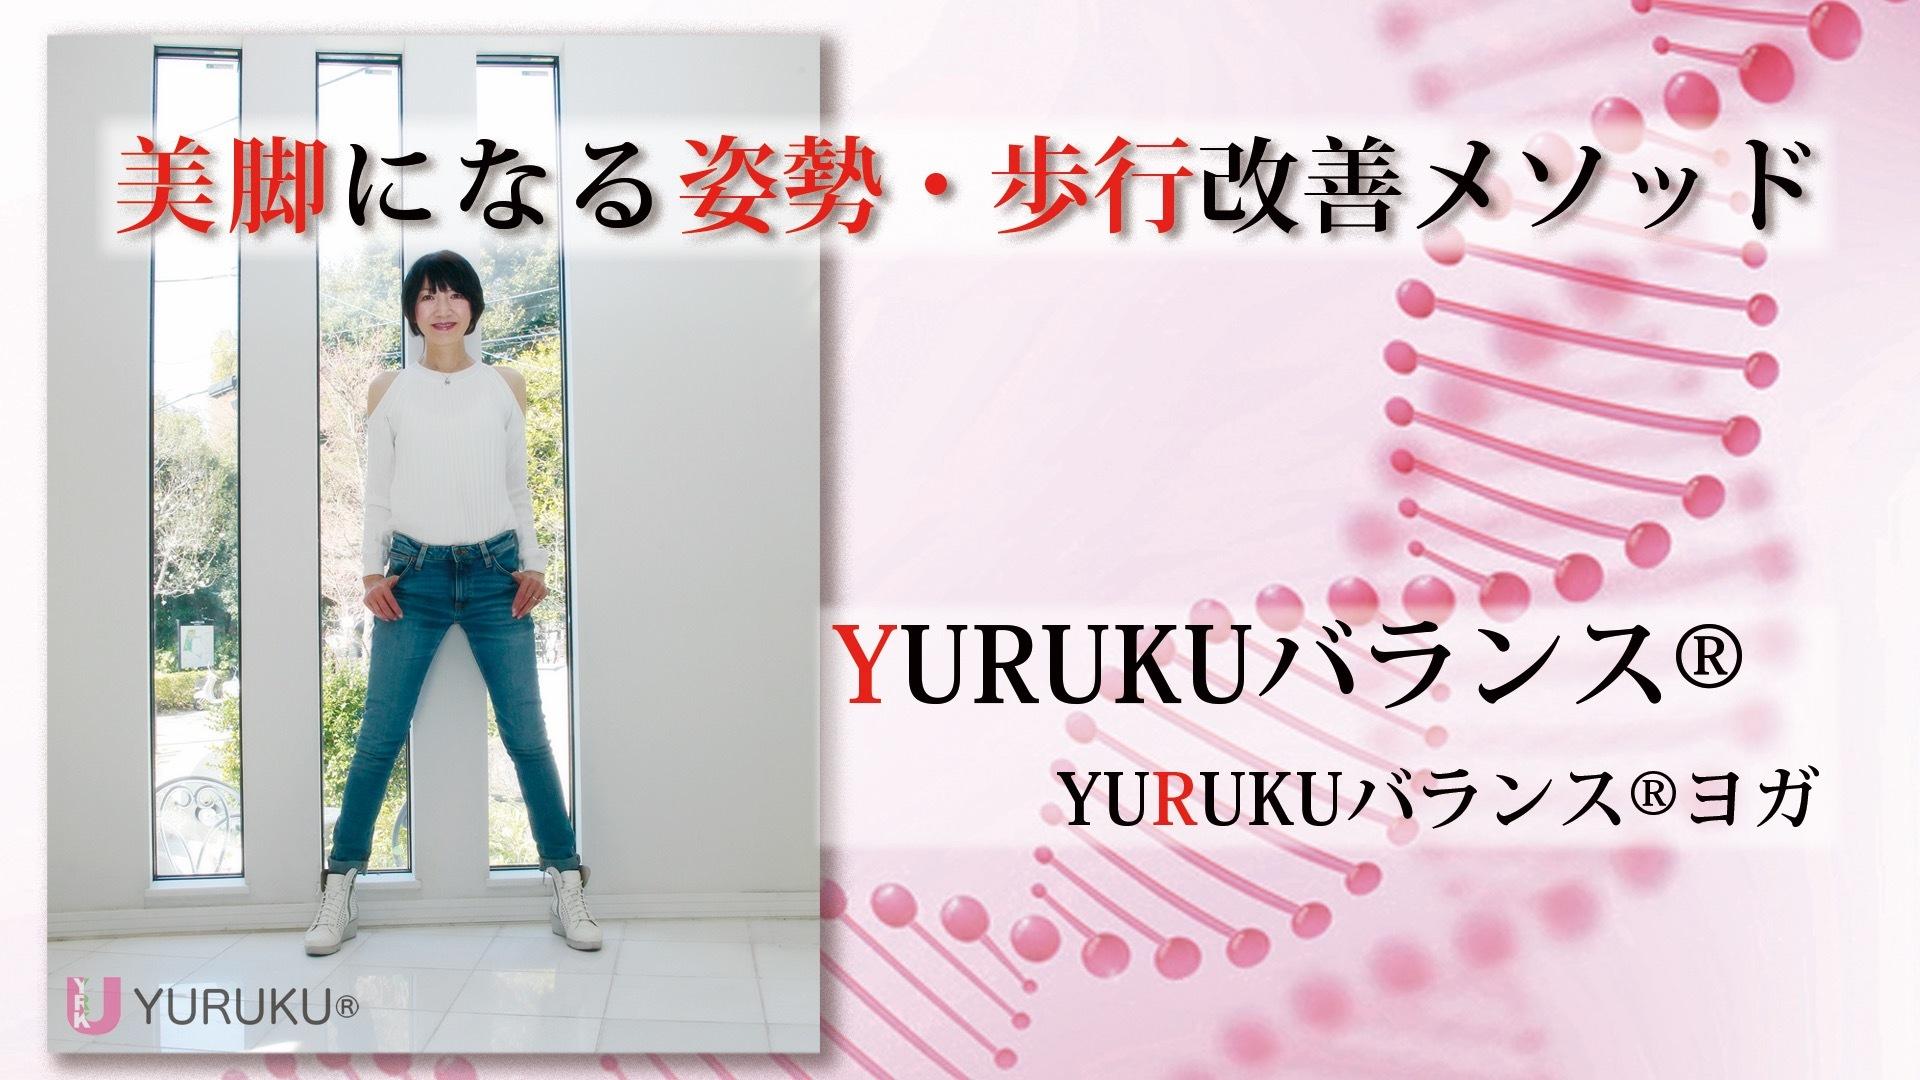 Noriko - 美脚になる新しい姿勢・歩行改善メソッドYURUKU® - DMM オンラインサロン